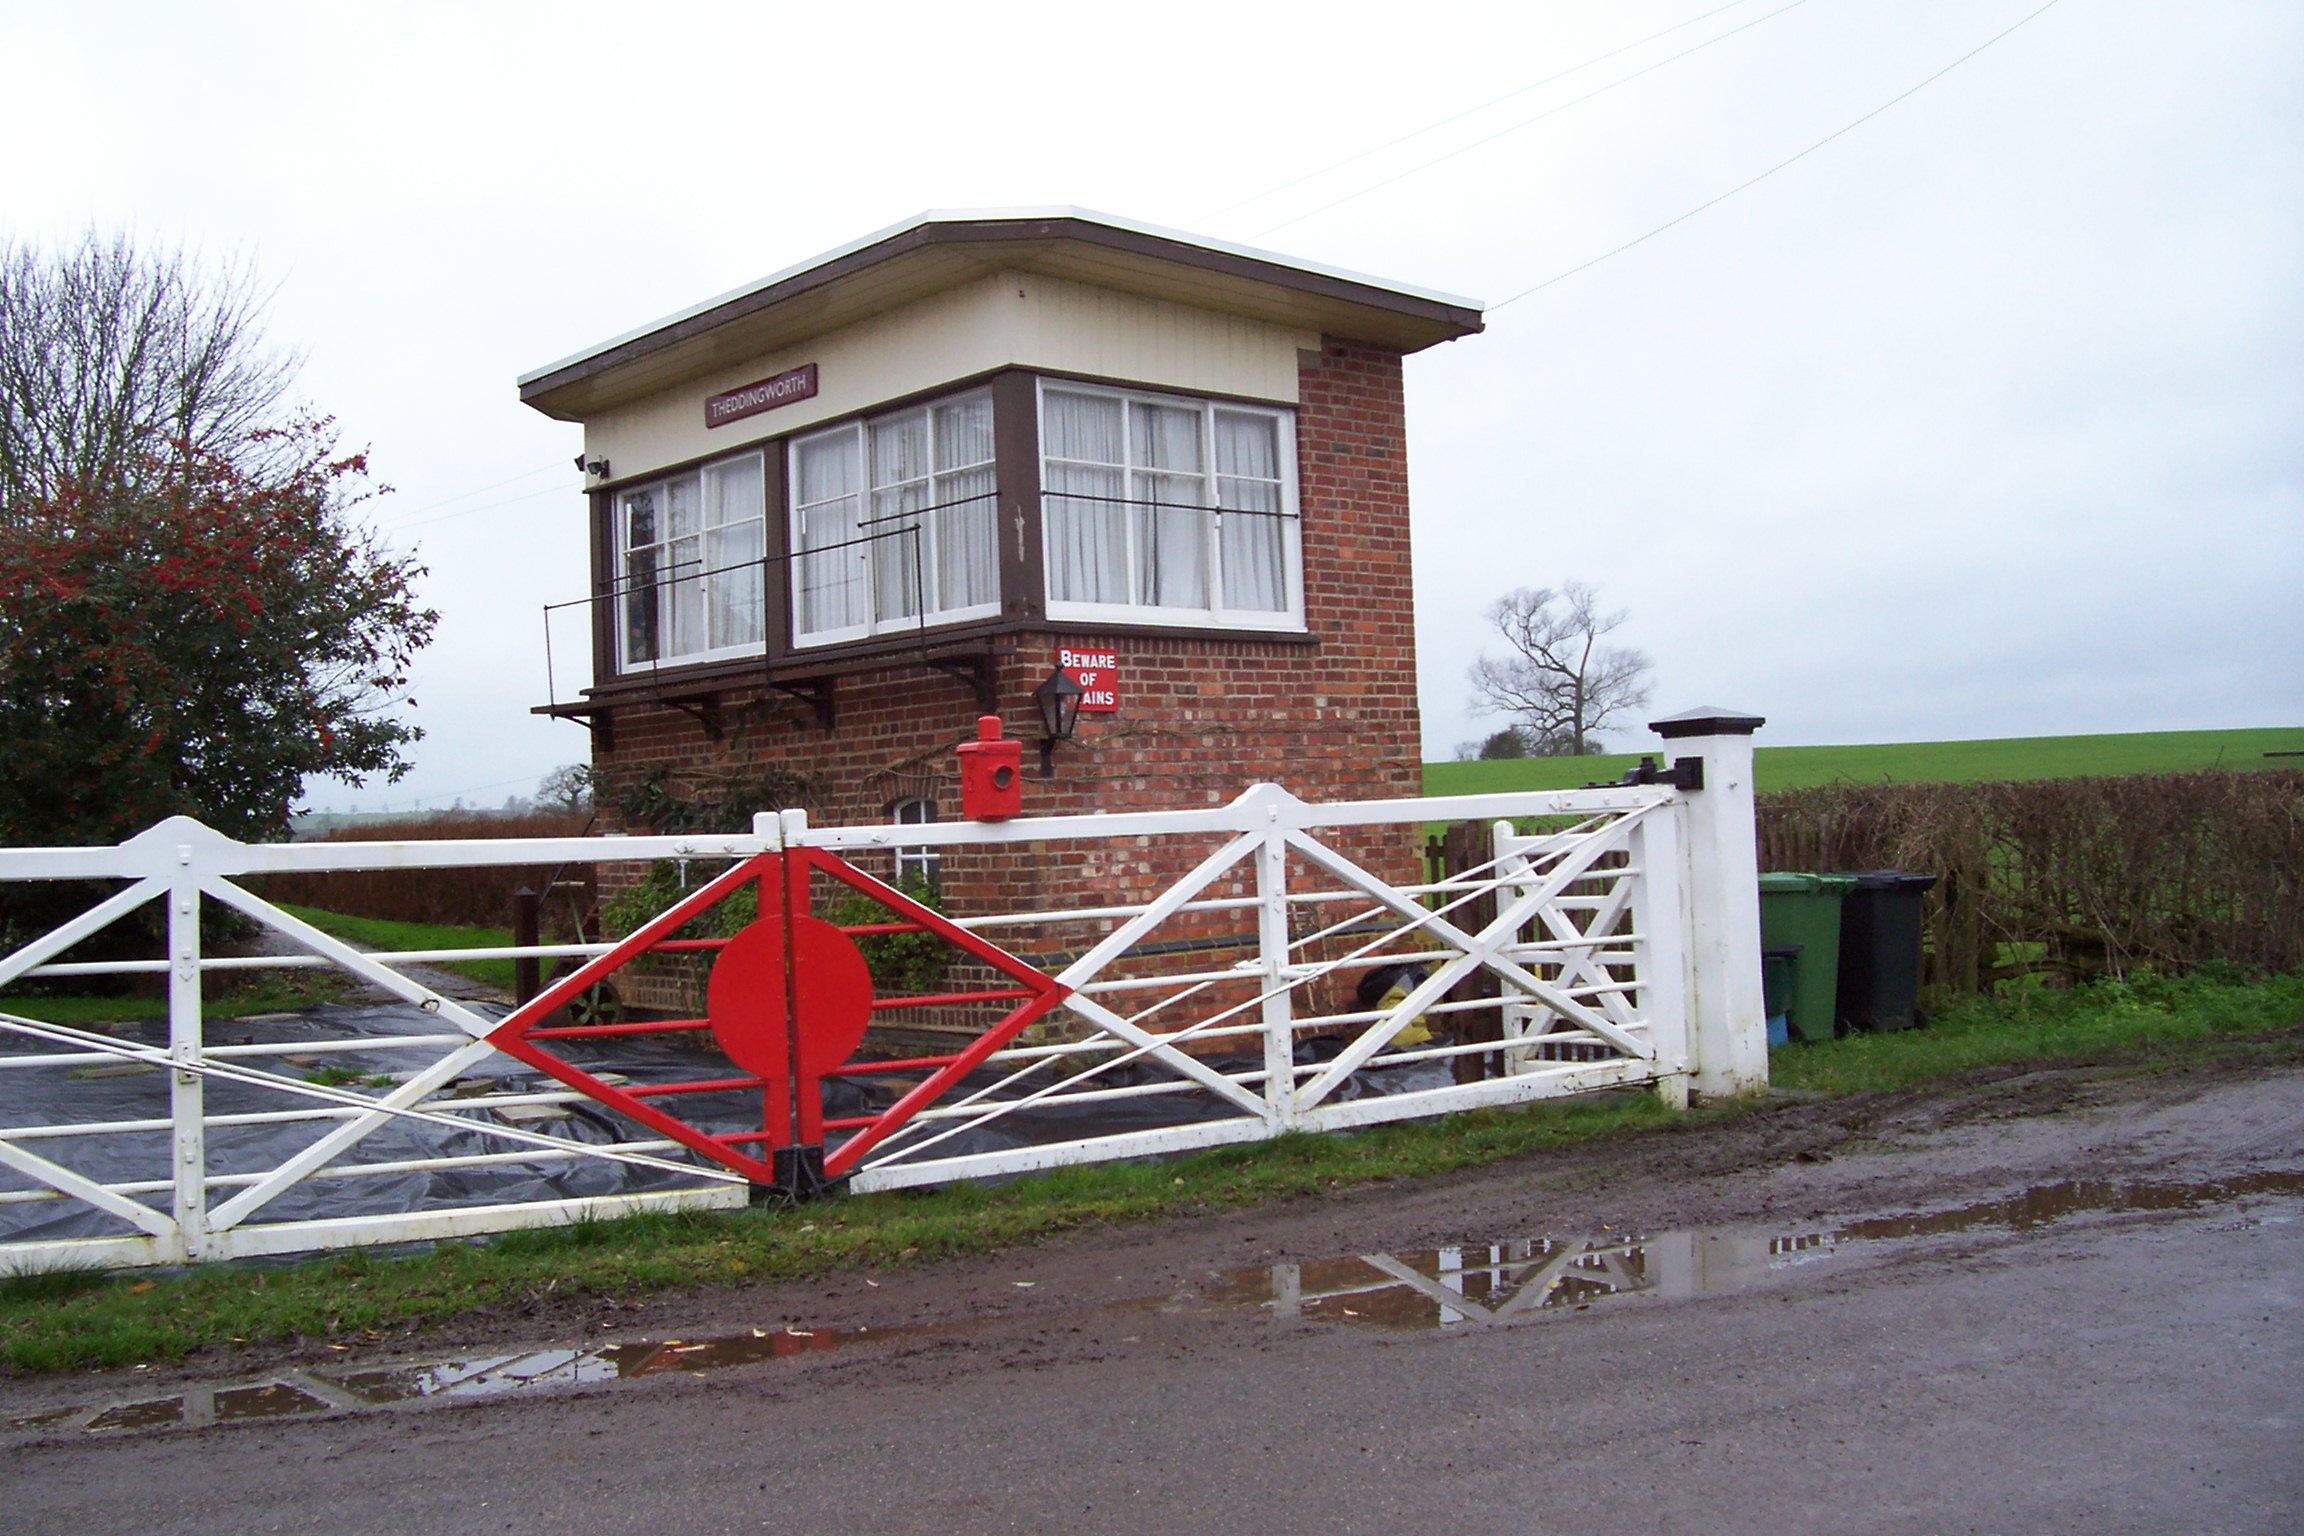 Theddingworth Signal Box